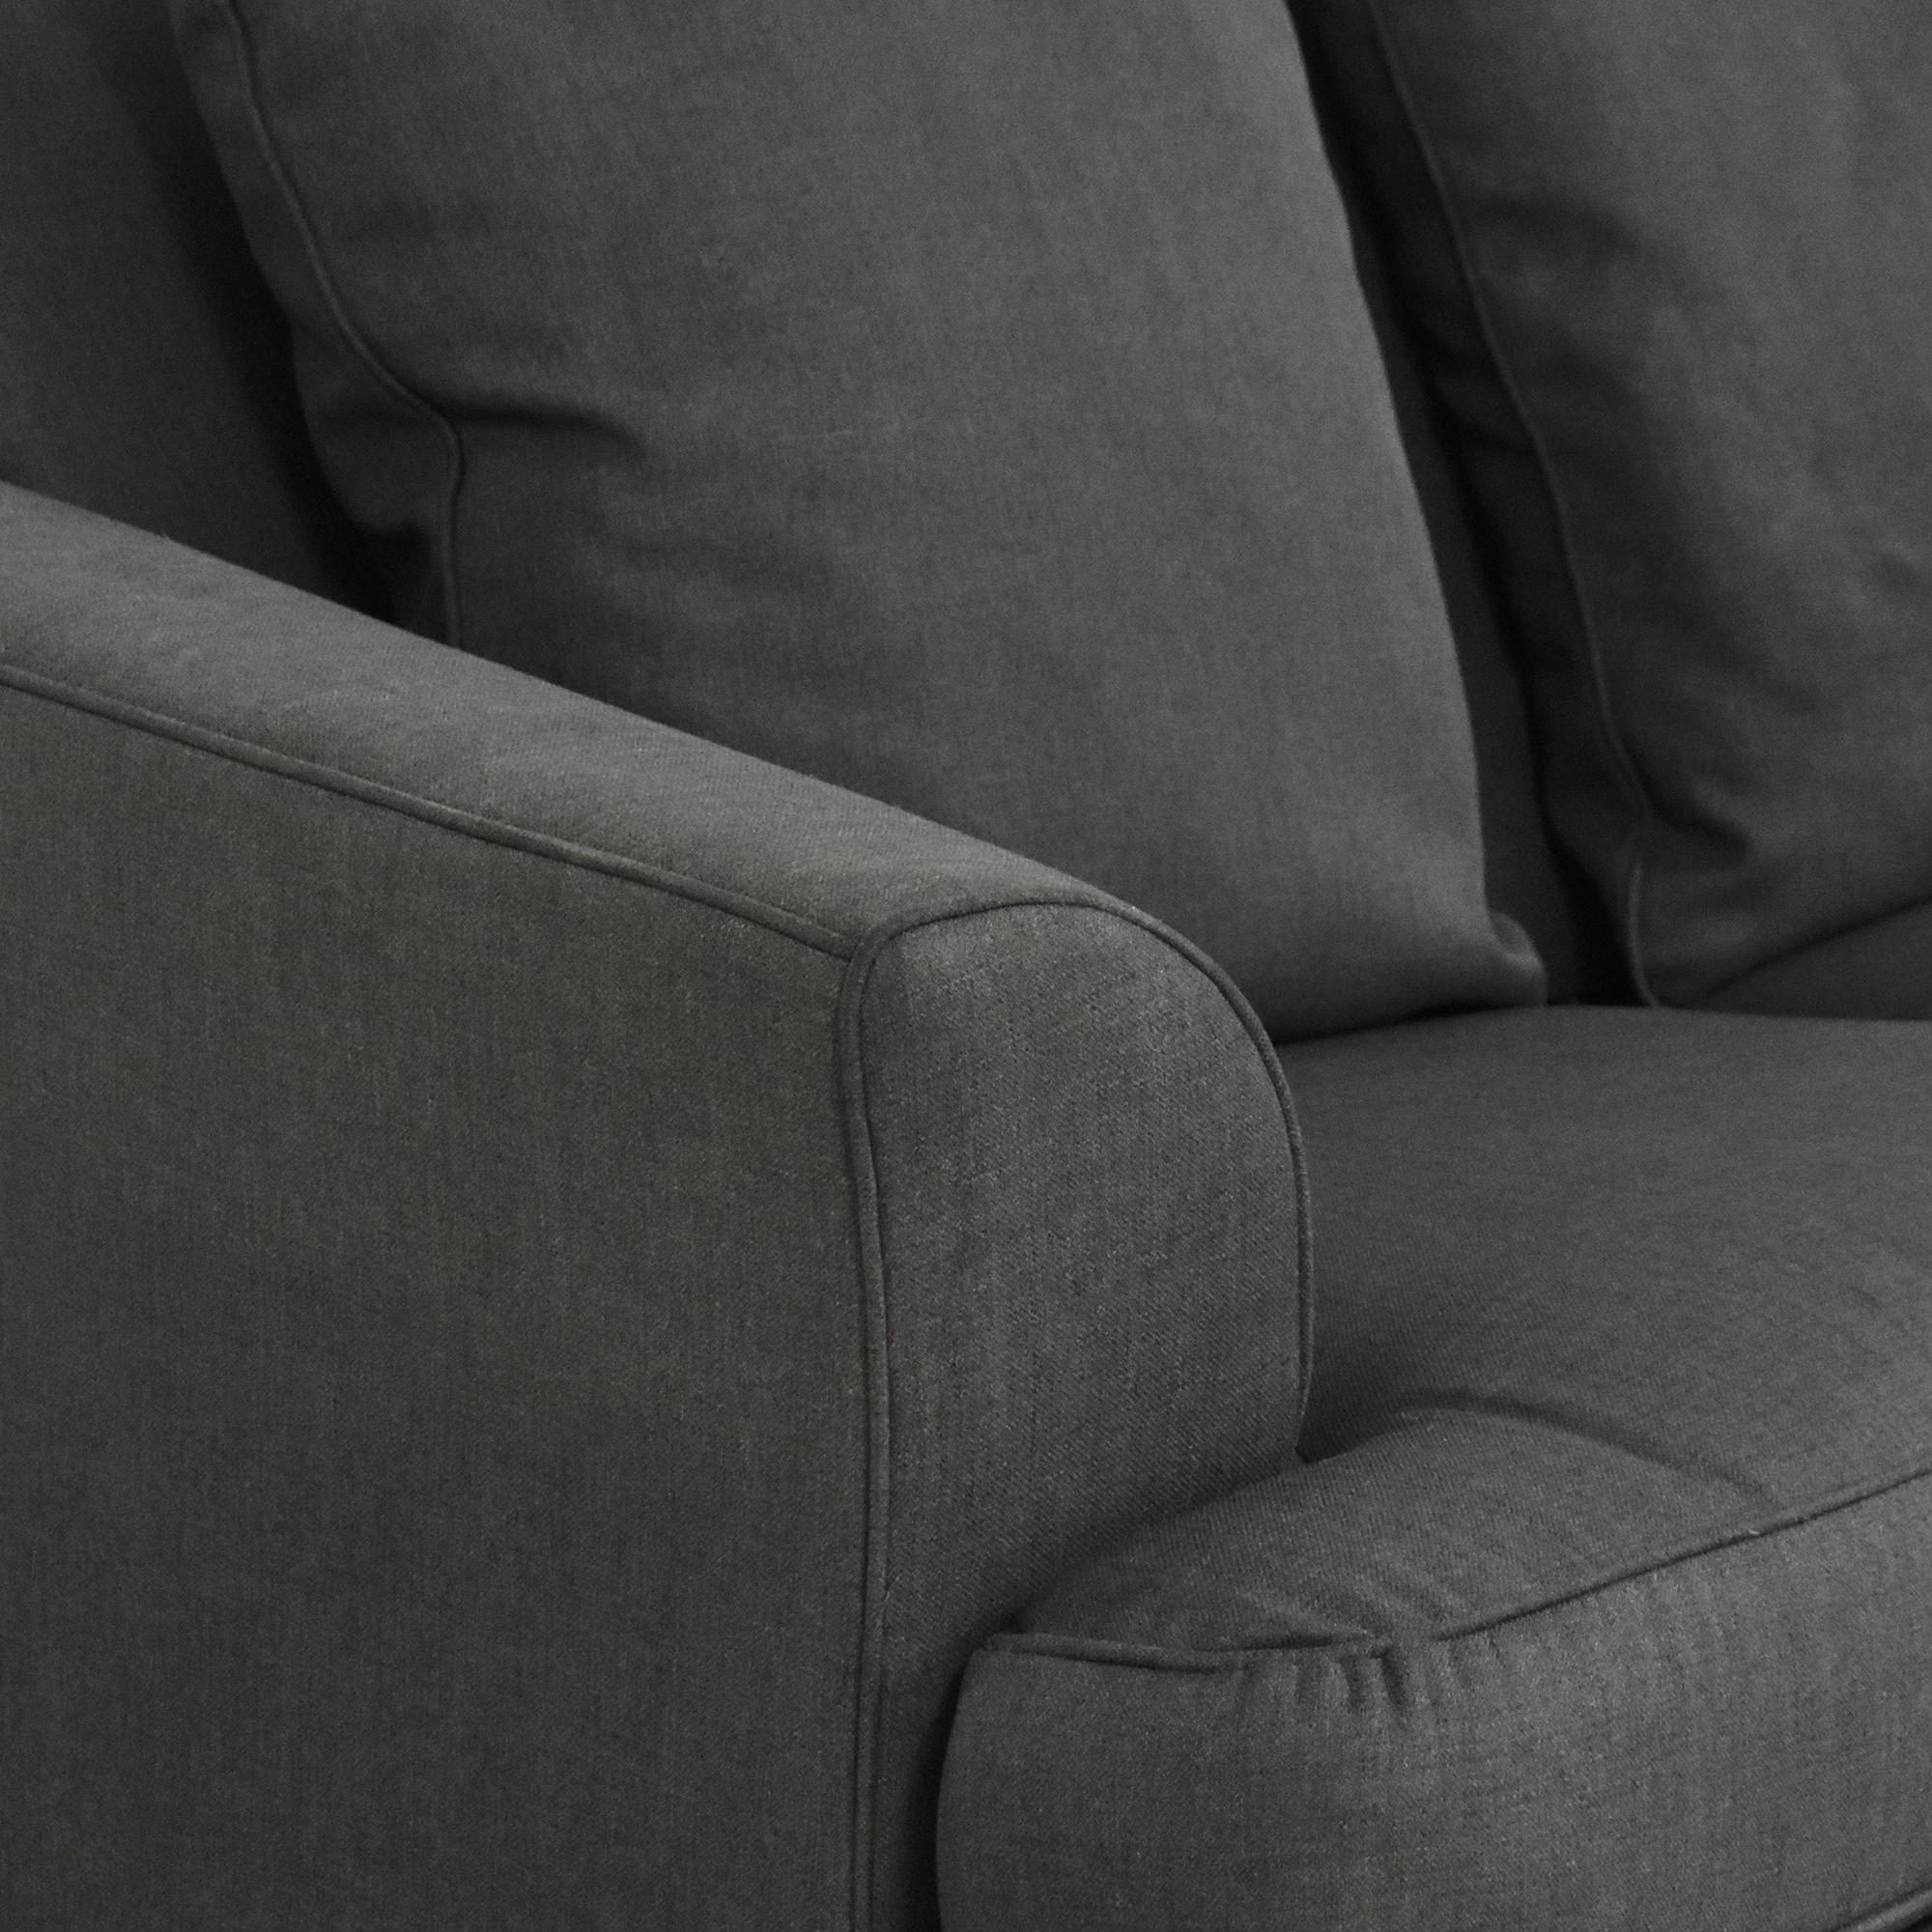 Three Cushion Sleeper Sofa Sofa Beds